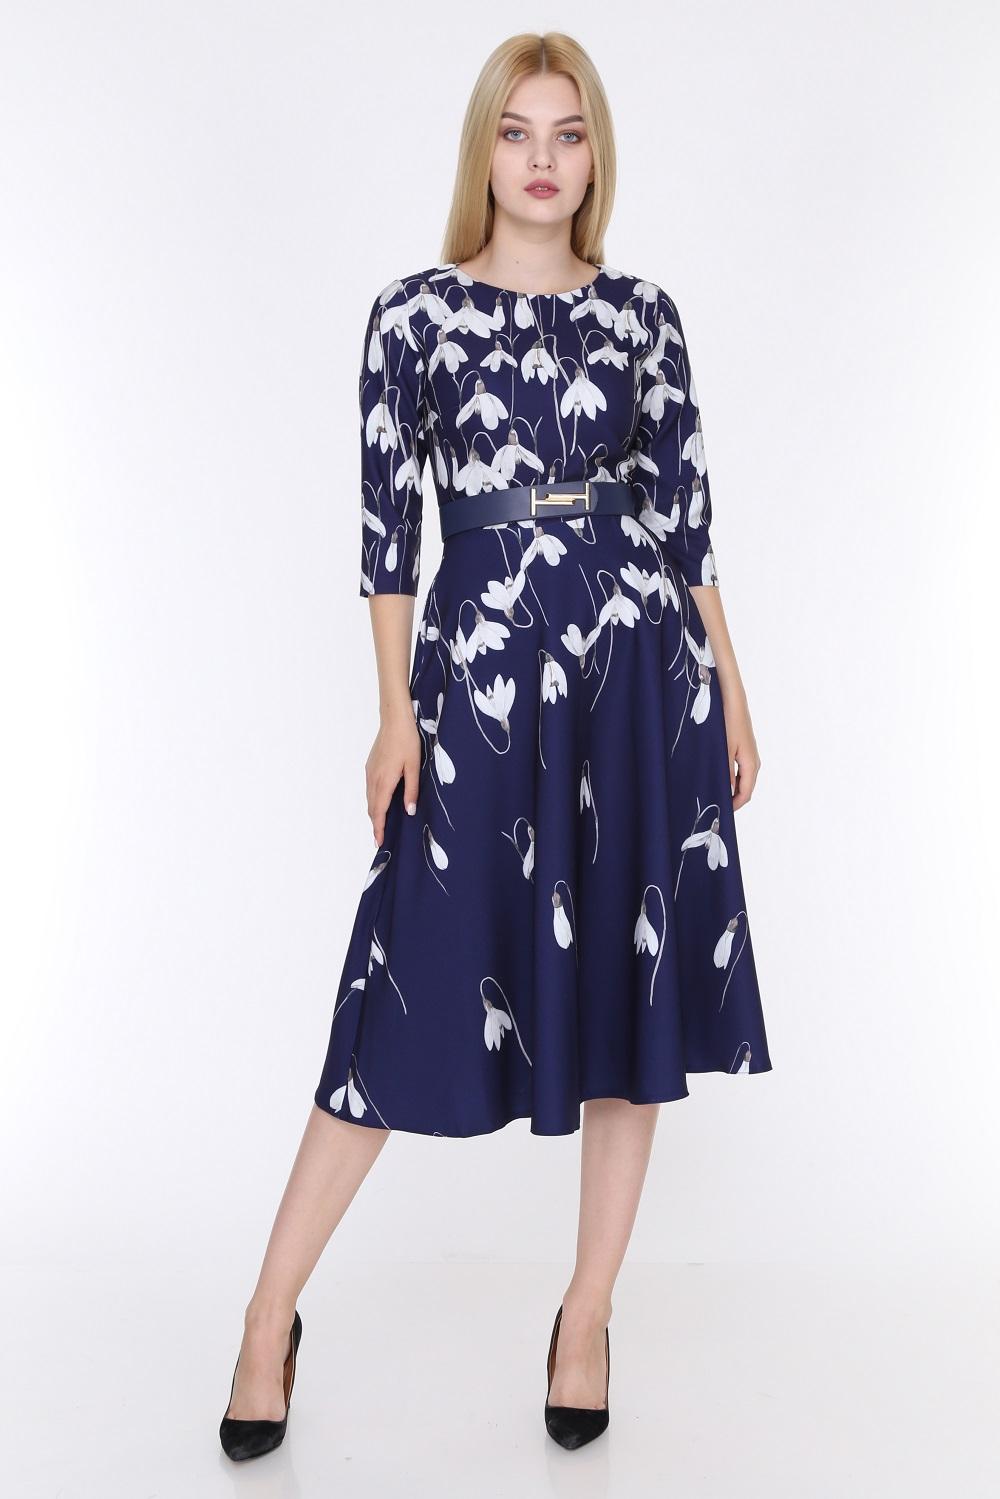 Tulip Patterned Navy Blue Color Dress